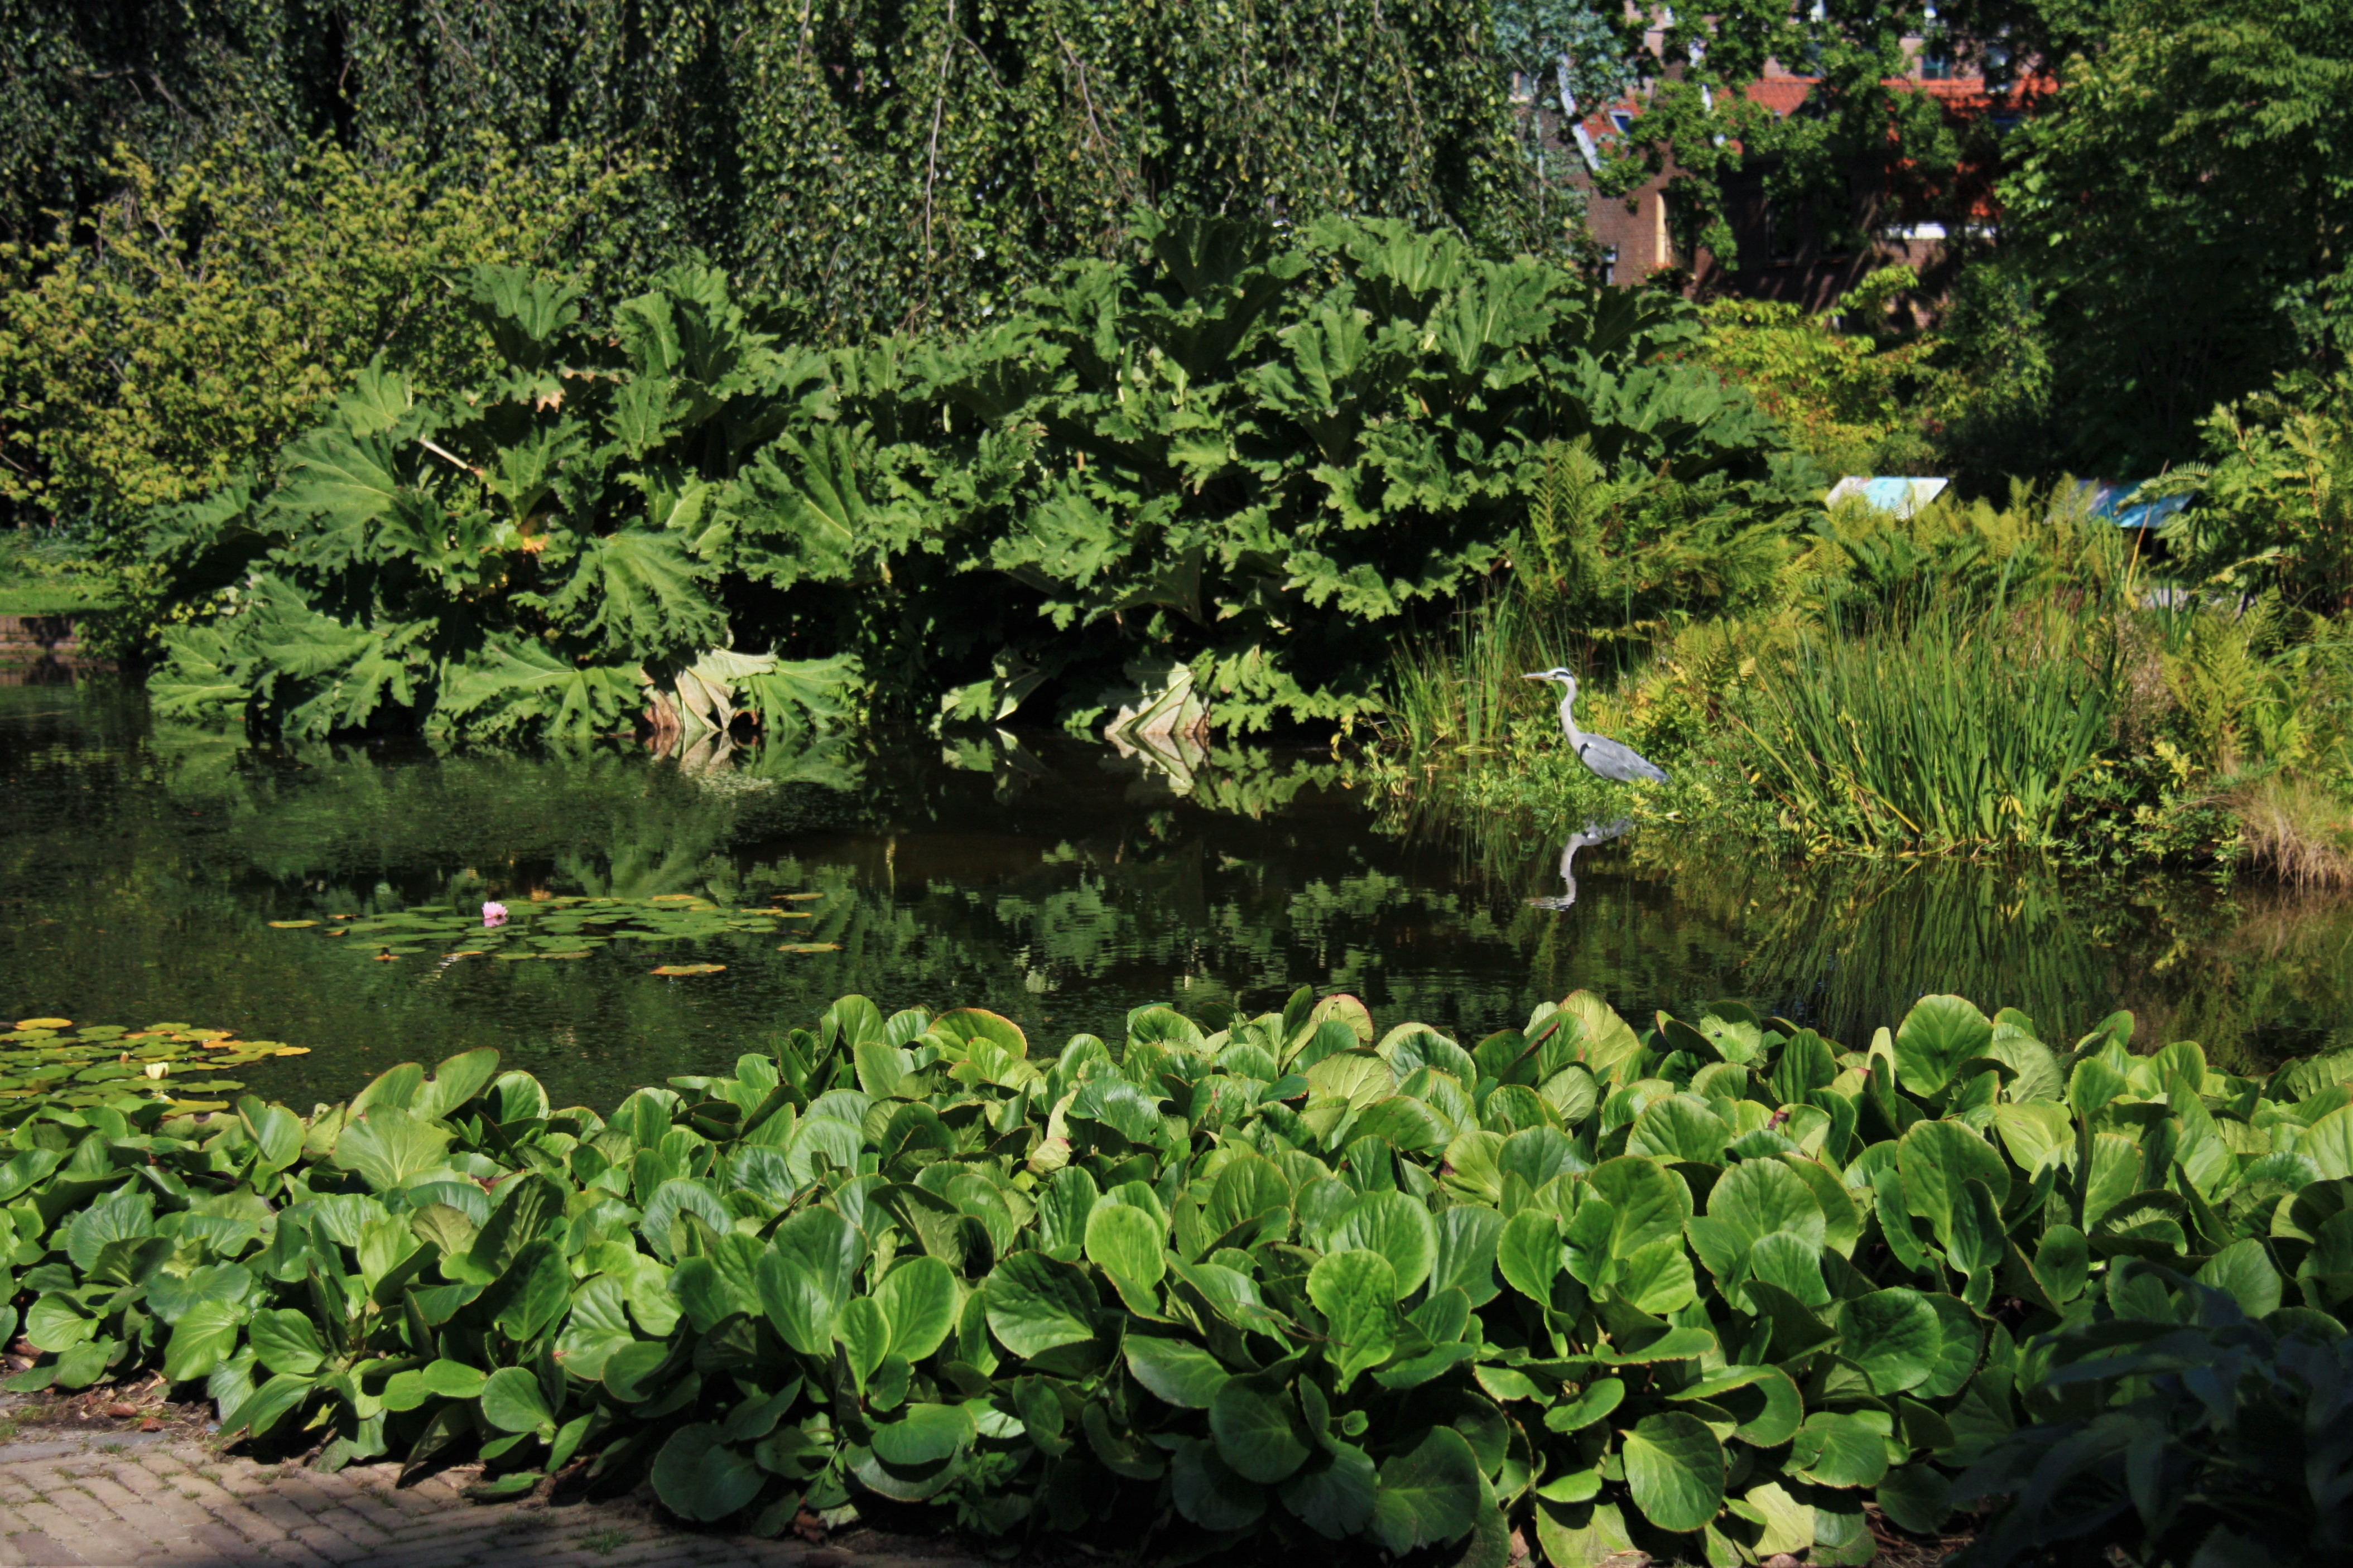 Botanische Tuin Leiden : File hortus botanicus leiden lake in the park g wikimedia commons